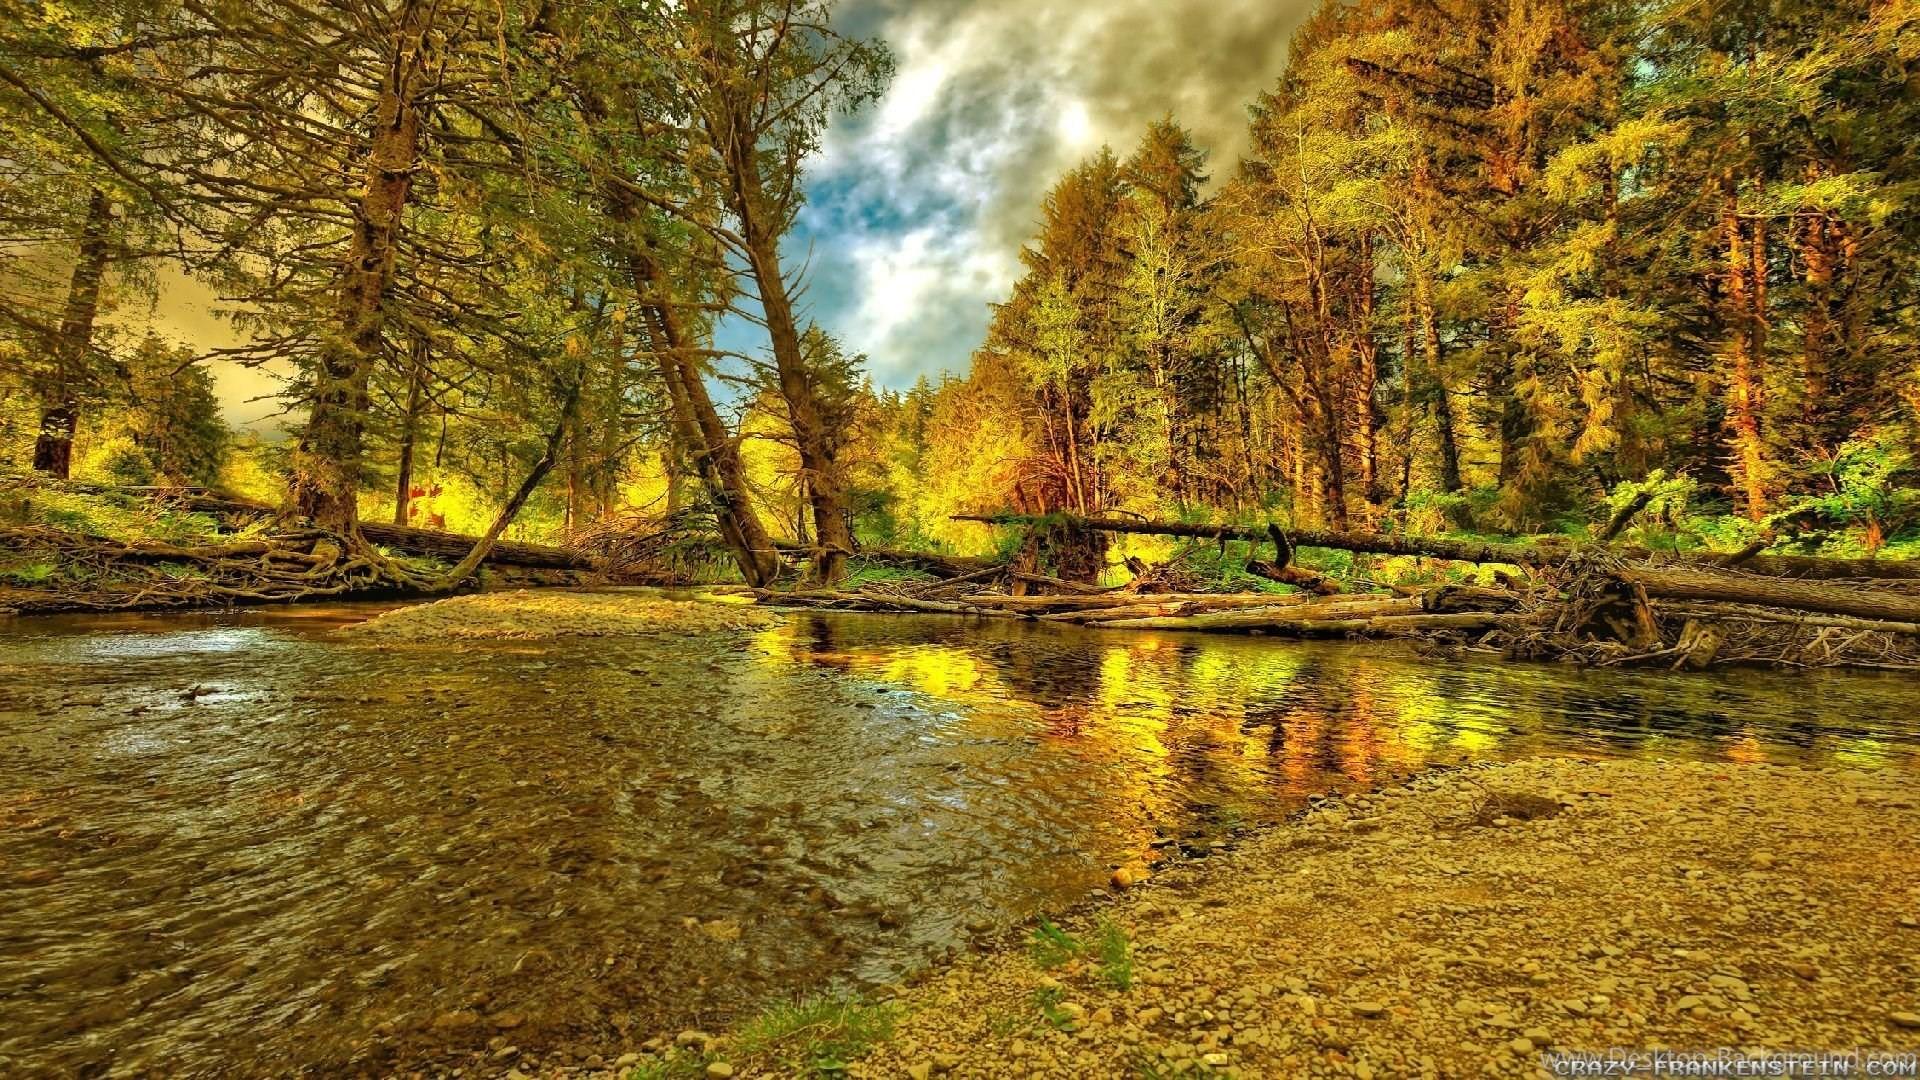 Woods Desktop Wallpaper (73+ images)